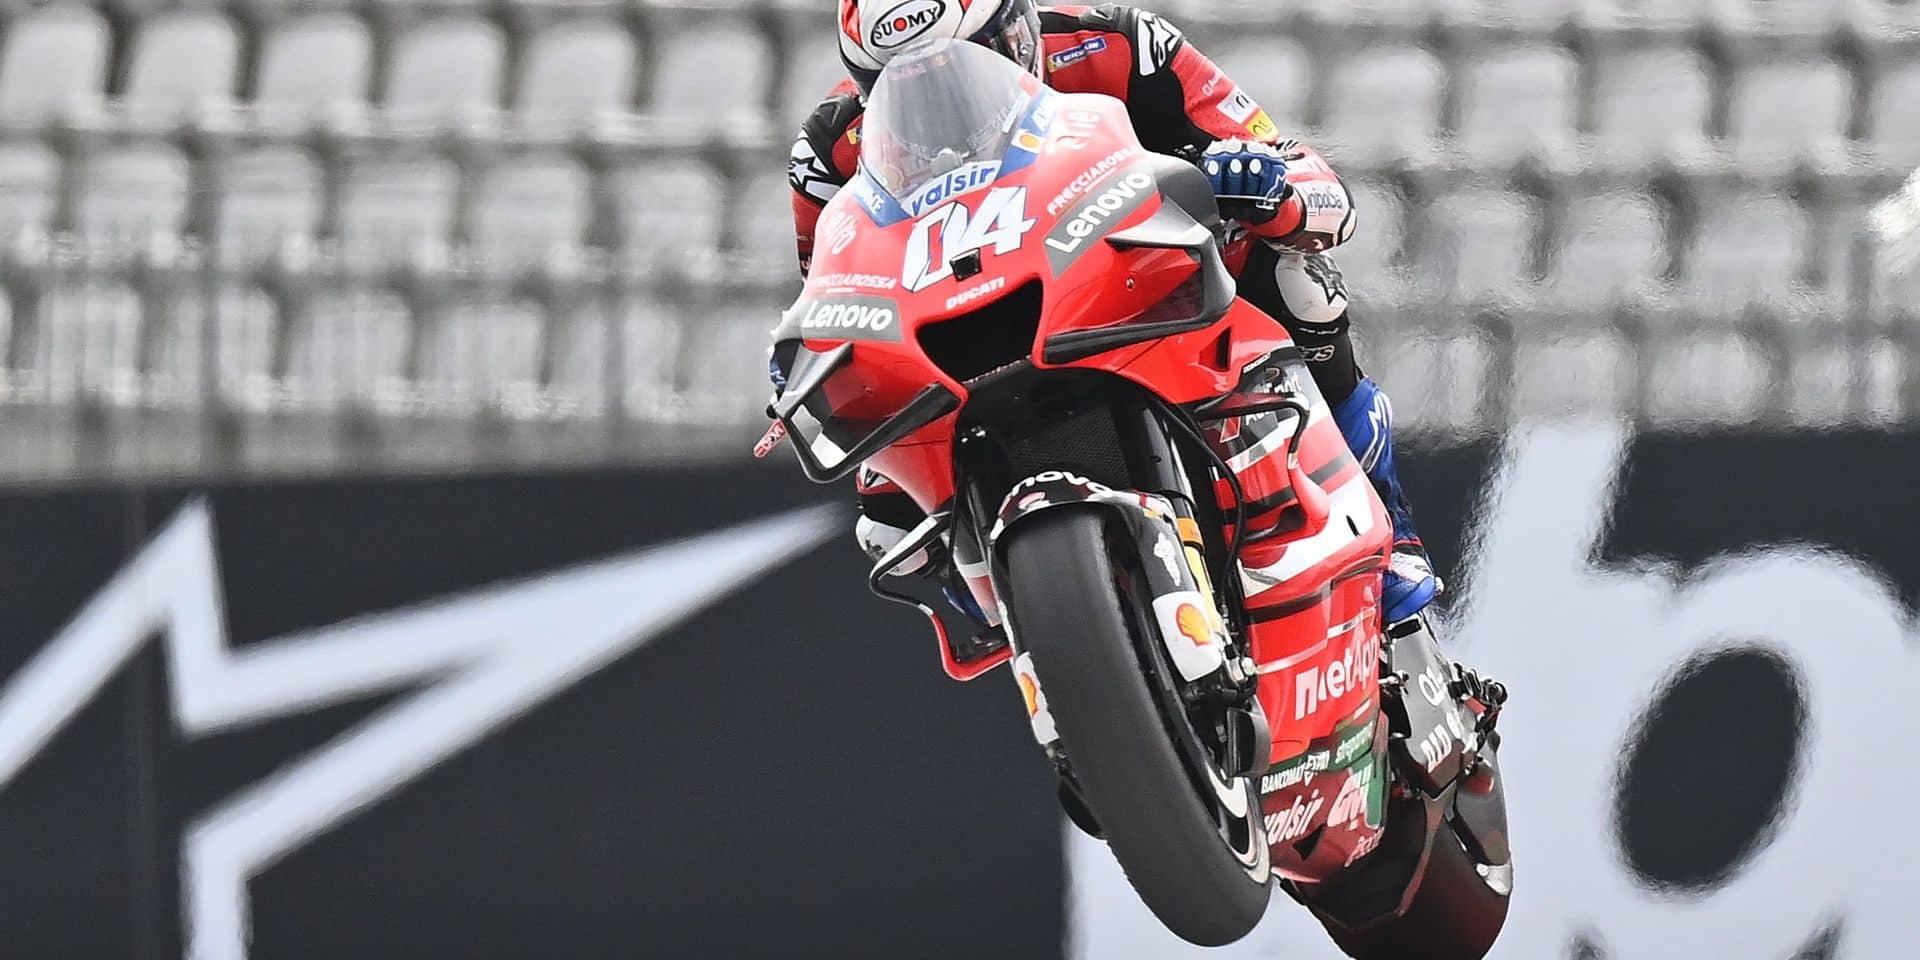 MotoGP: Andrea Dovizioso quittera Ducati à la fin de la saison